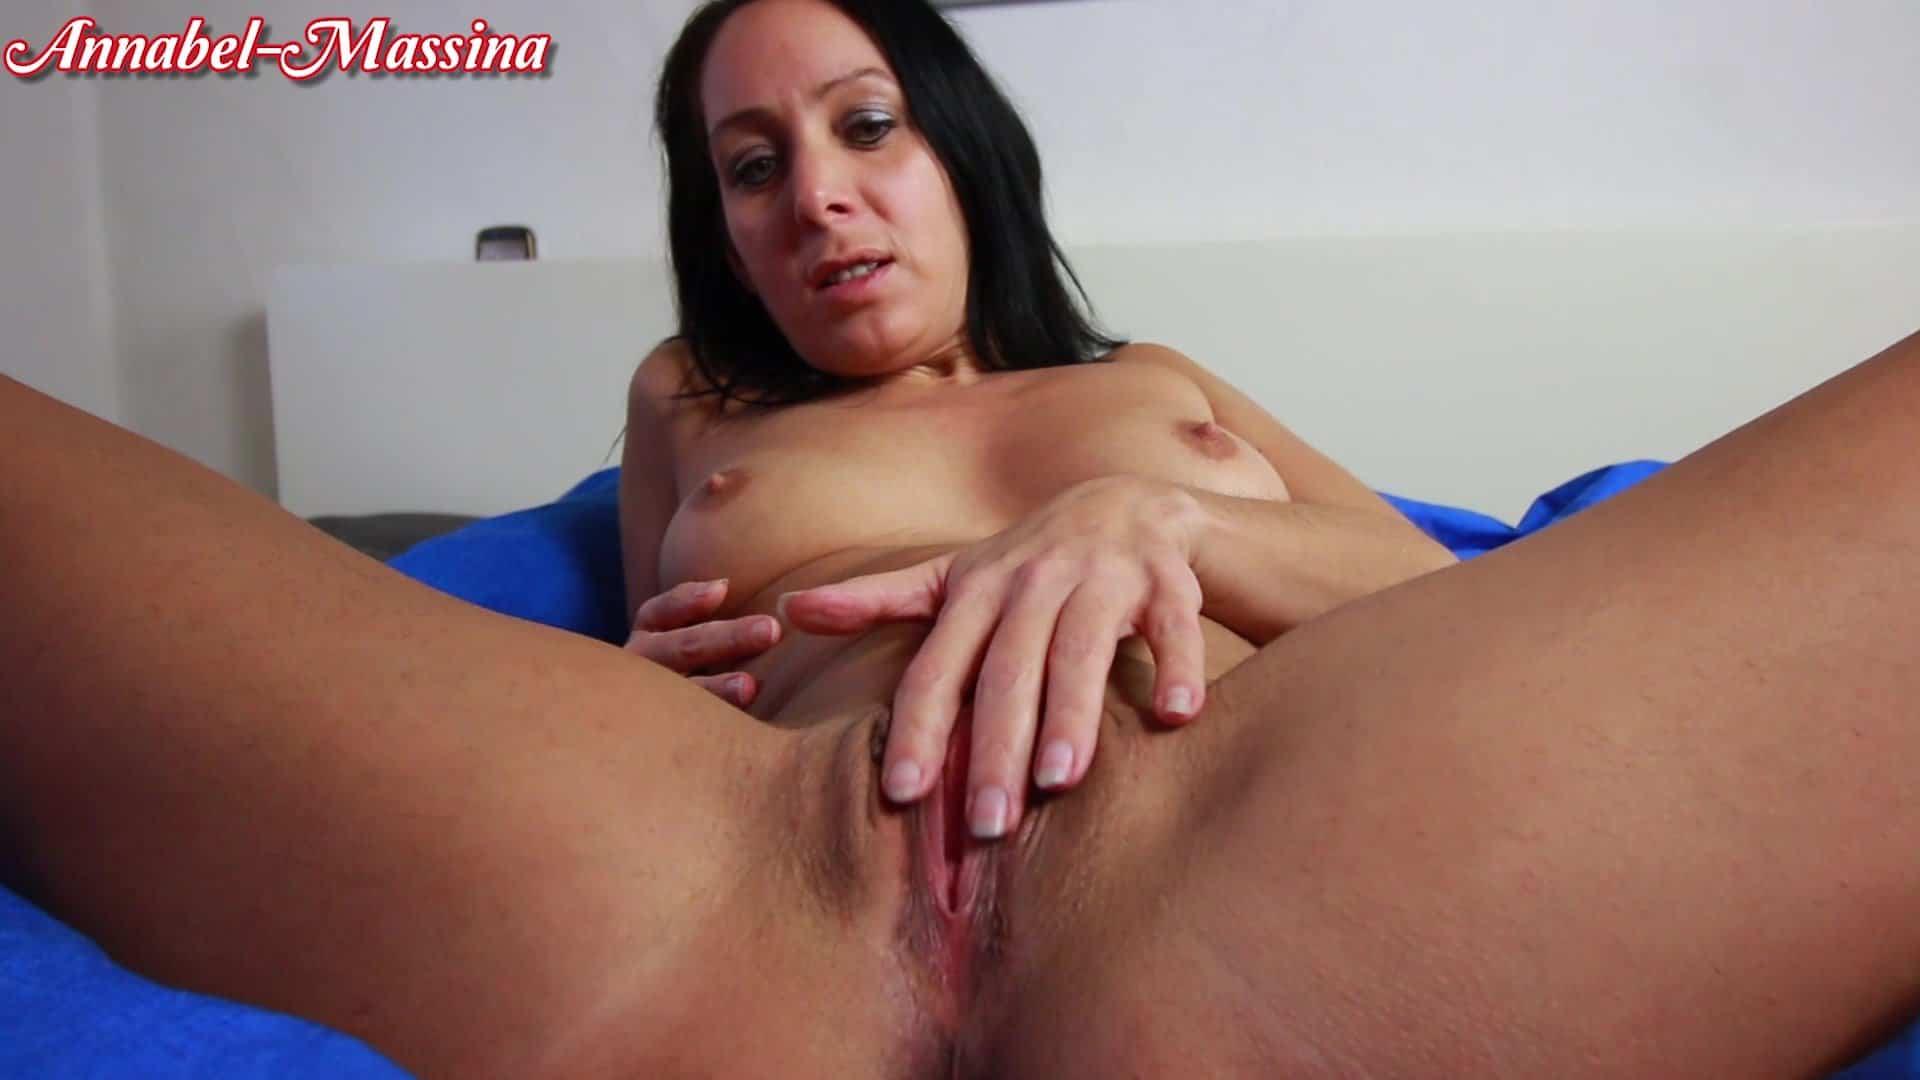 Anabell Massina